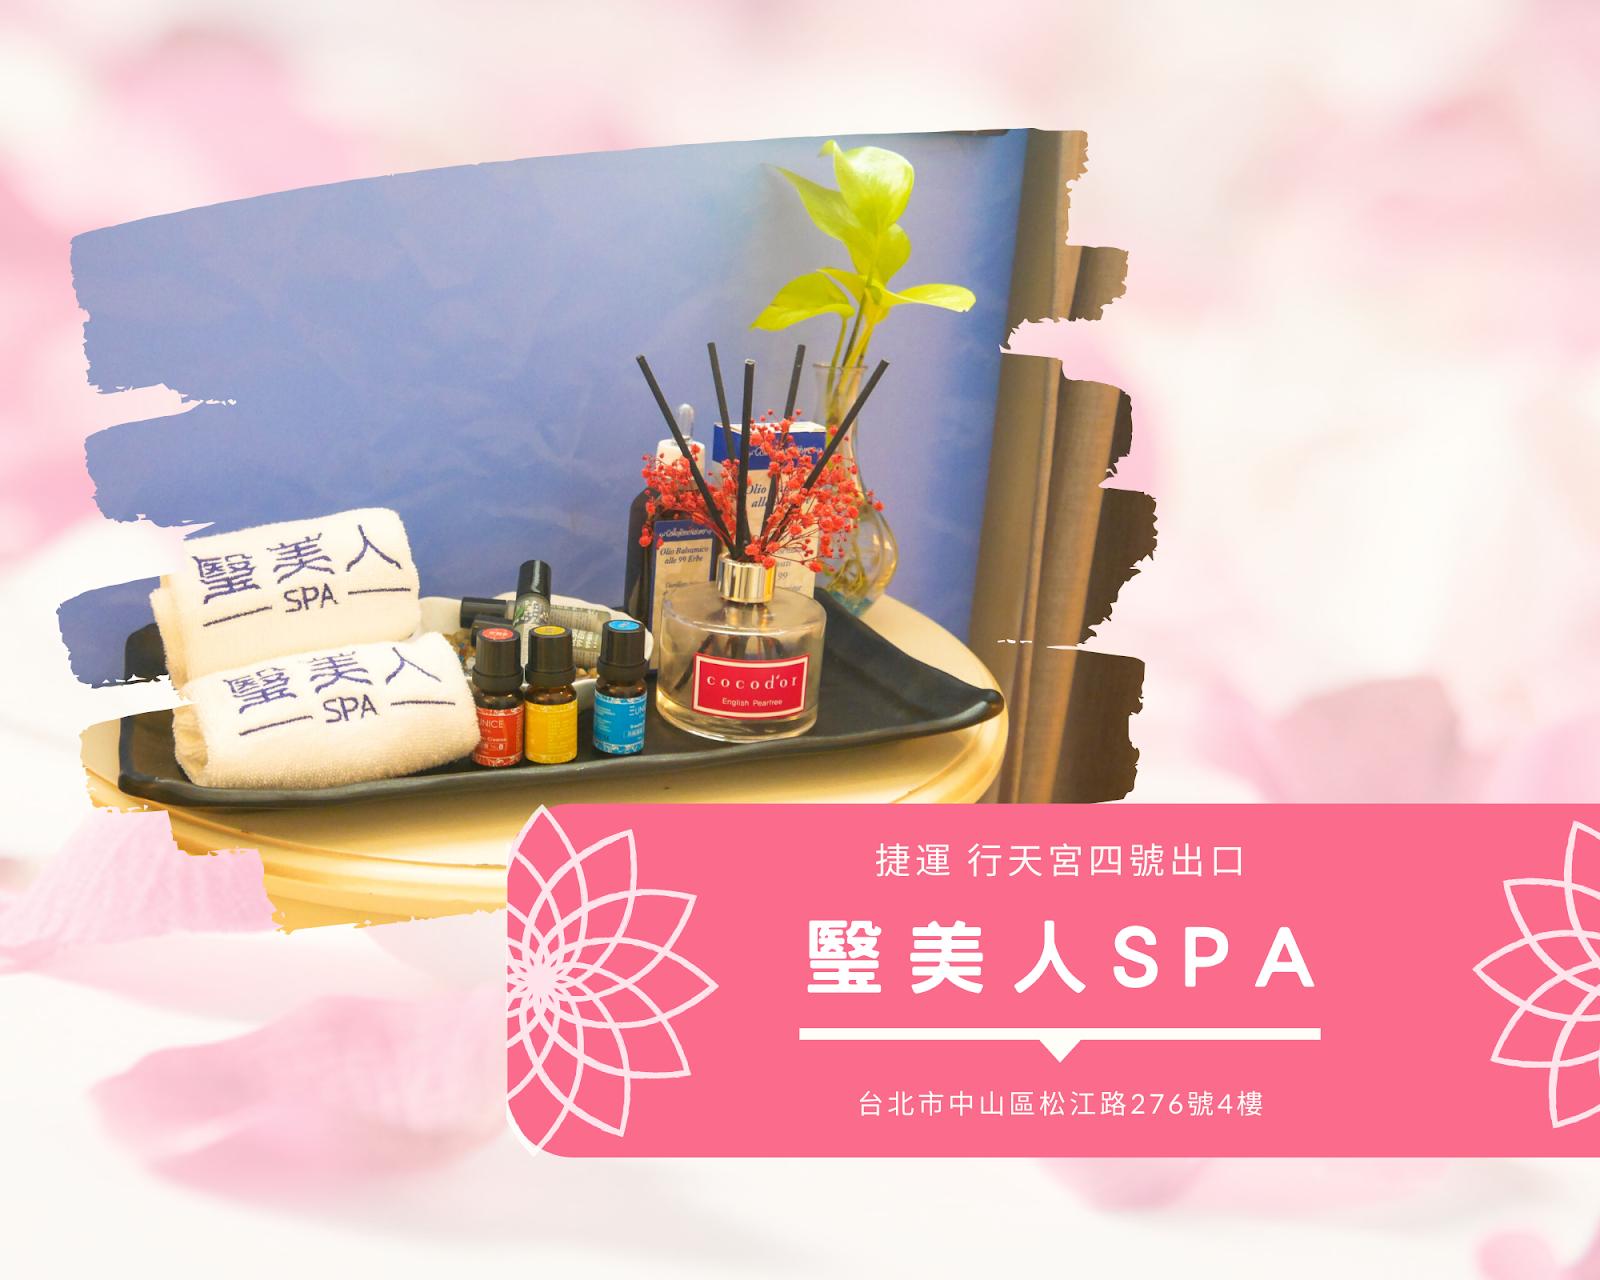 【捷運行天宮站SPA】台北 瑿美人SPA|情人節紓壓首選